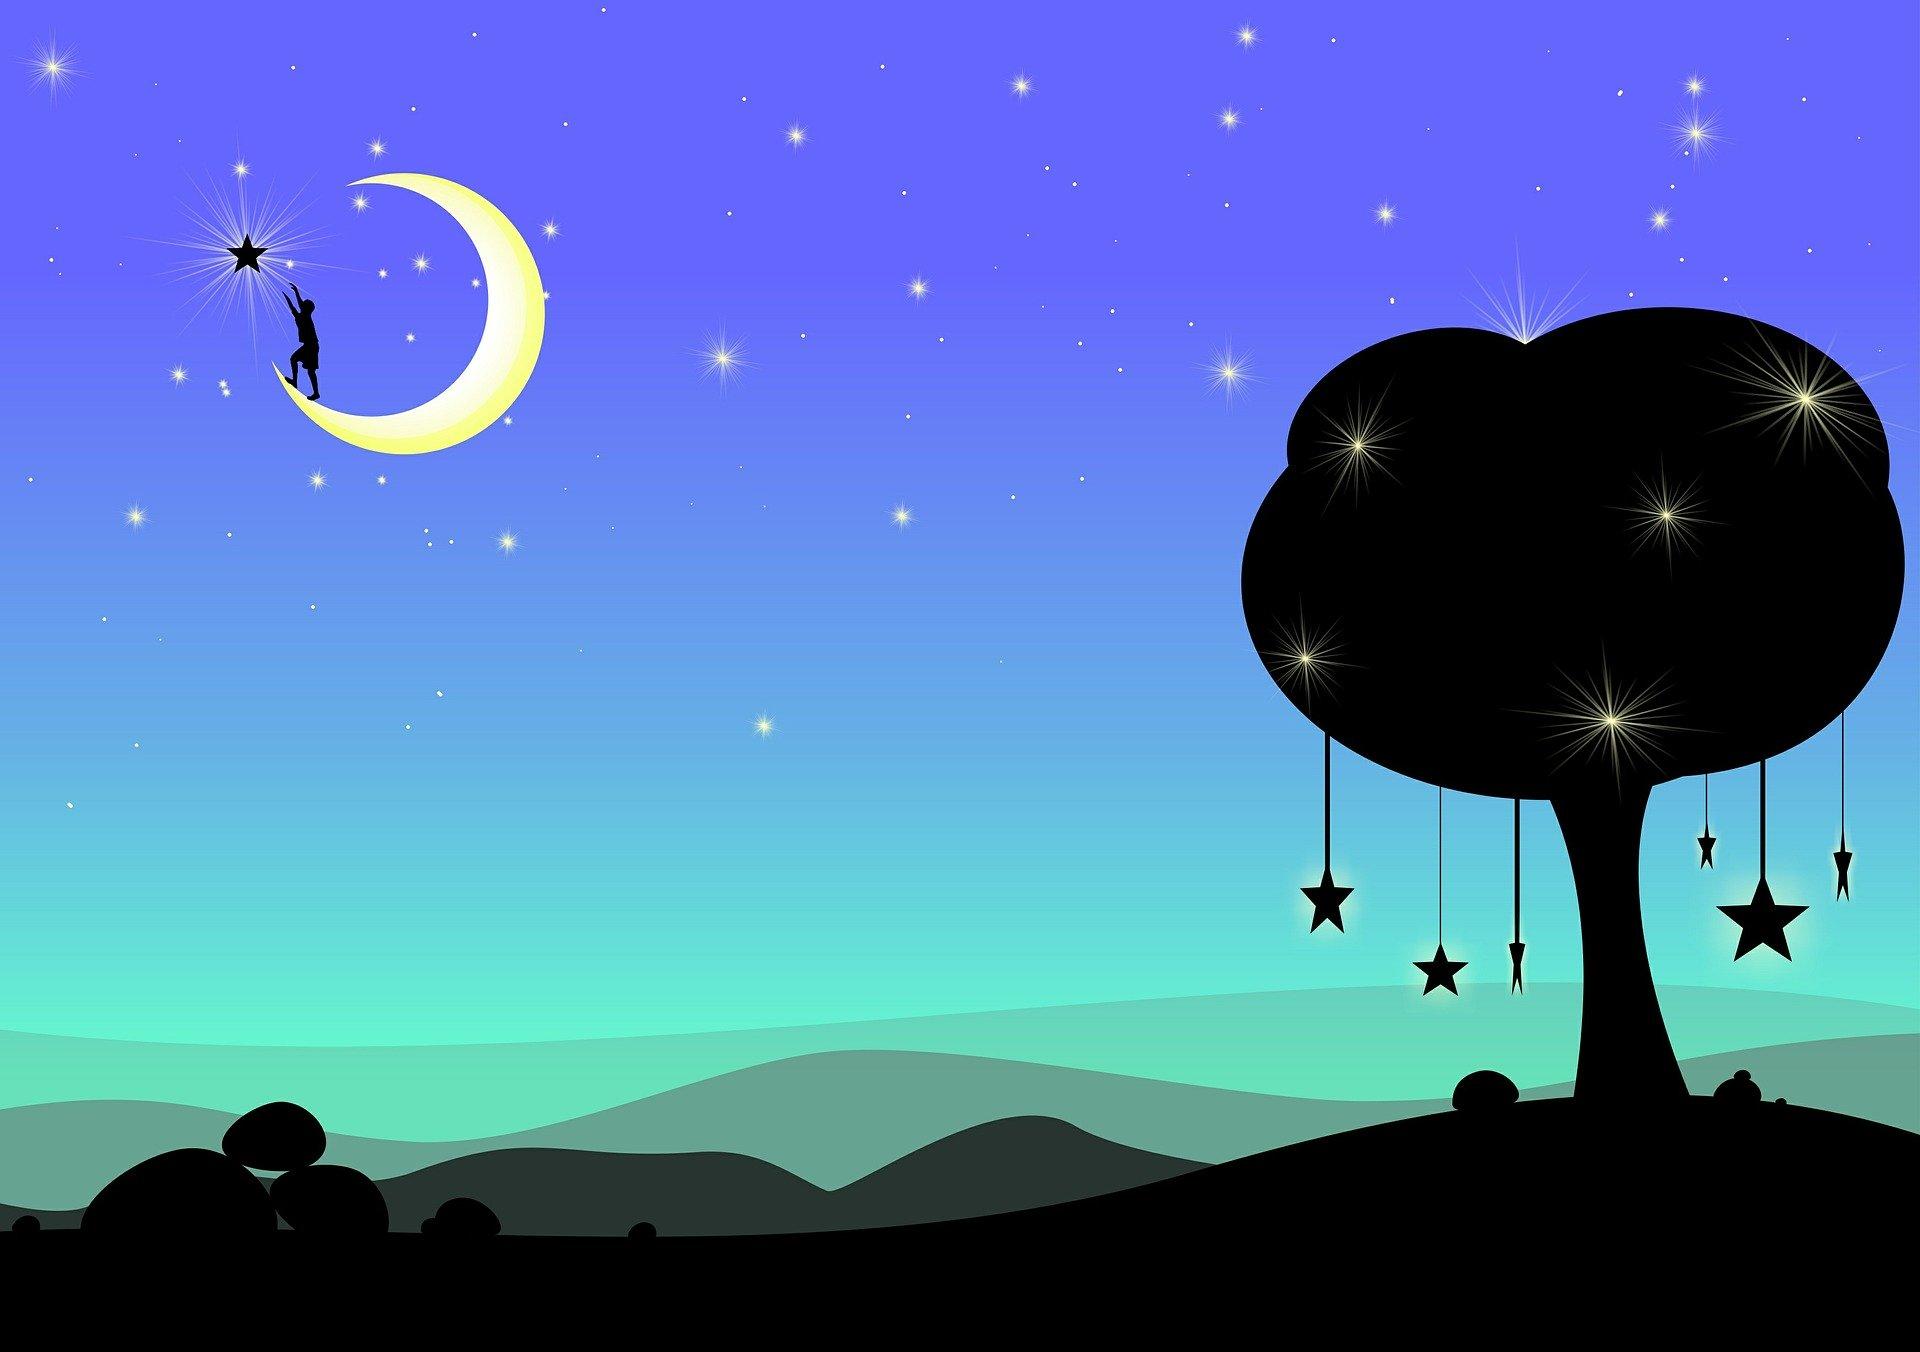 8月19日はしし座で新月~瞑想会をZOOMでしませんか?